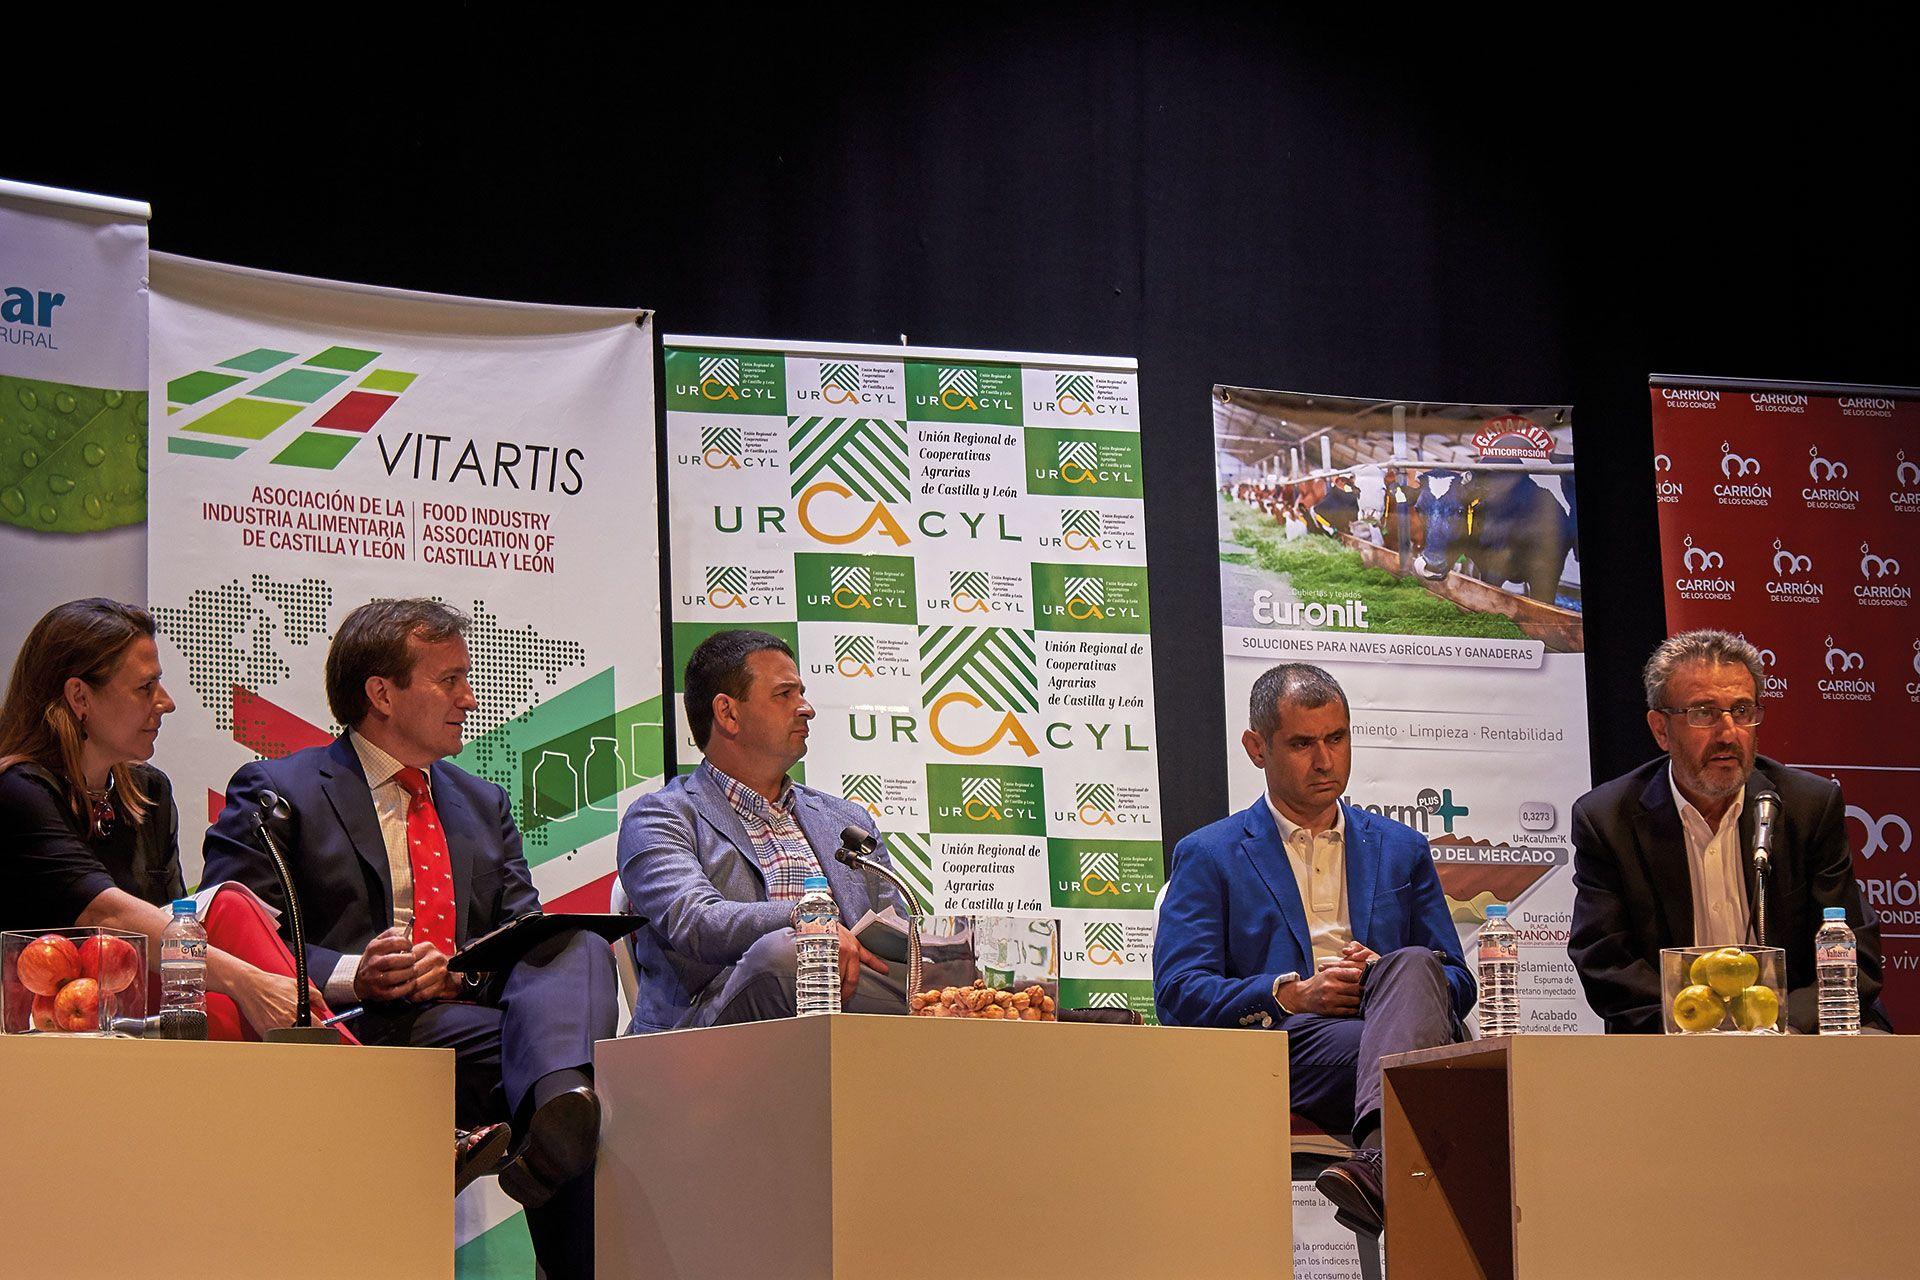 Revista AFRIGA — Jornada sobre el sector lácteo en Carrión de los Condes